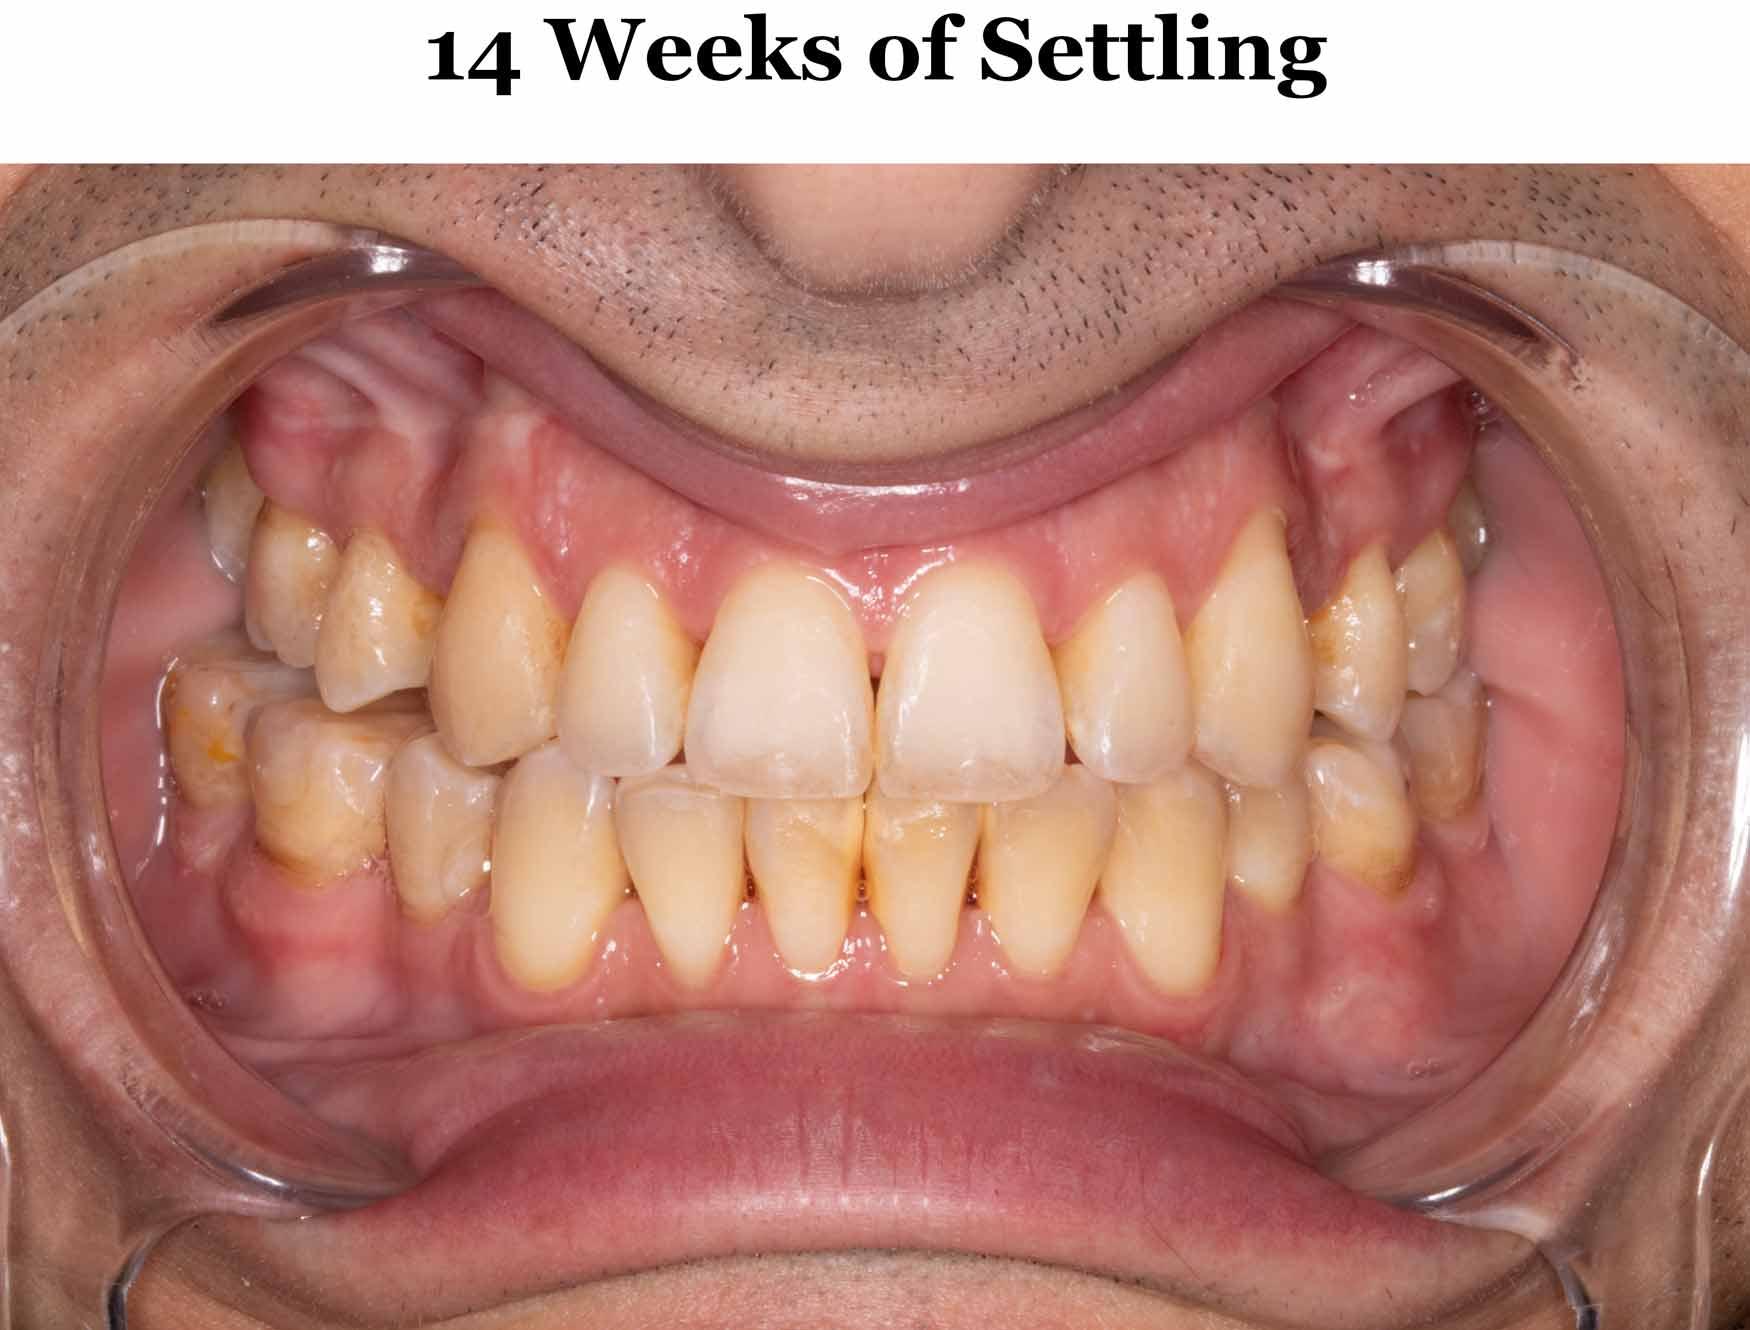 14-weeks-settling_occlusion.jpg